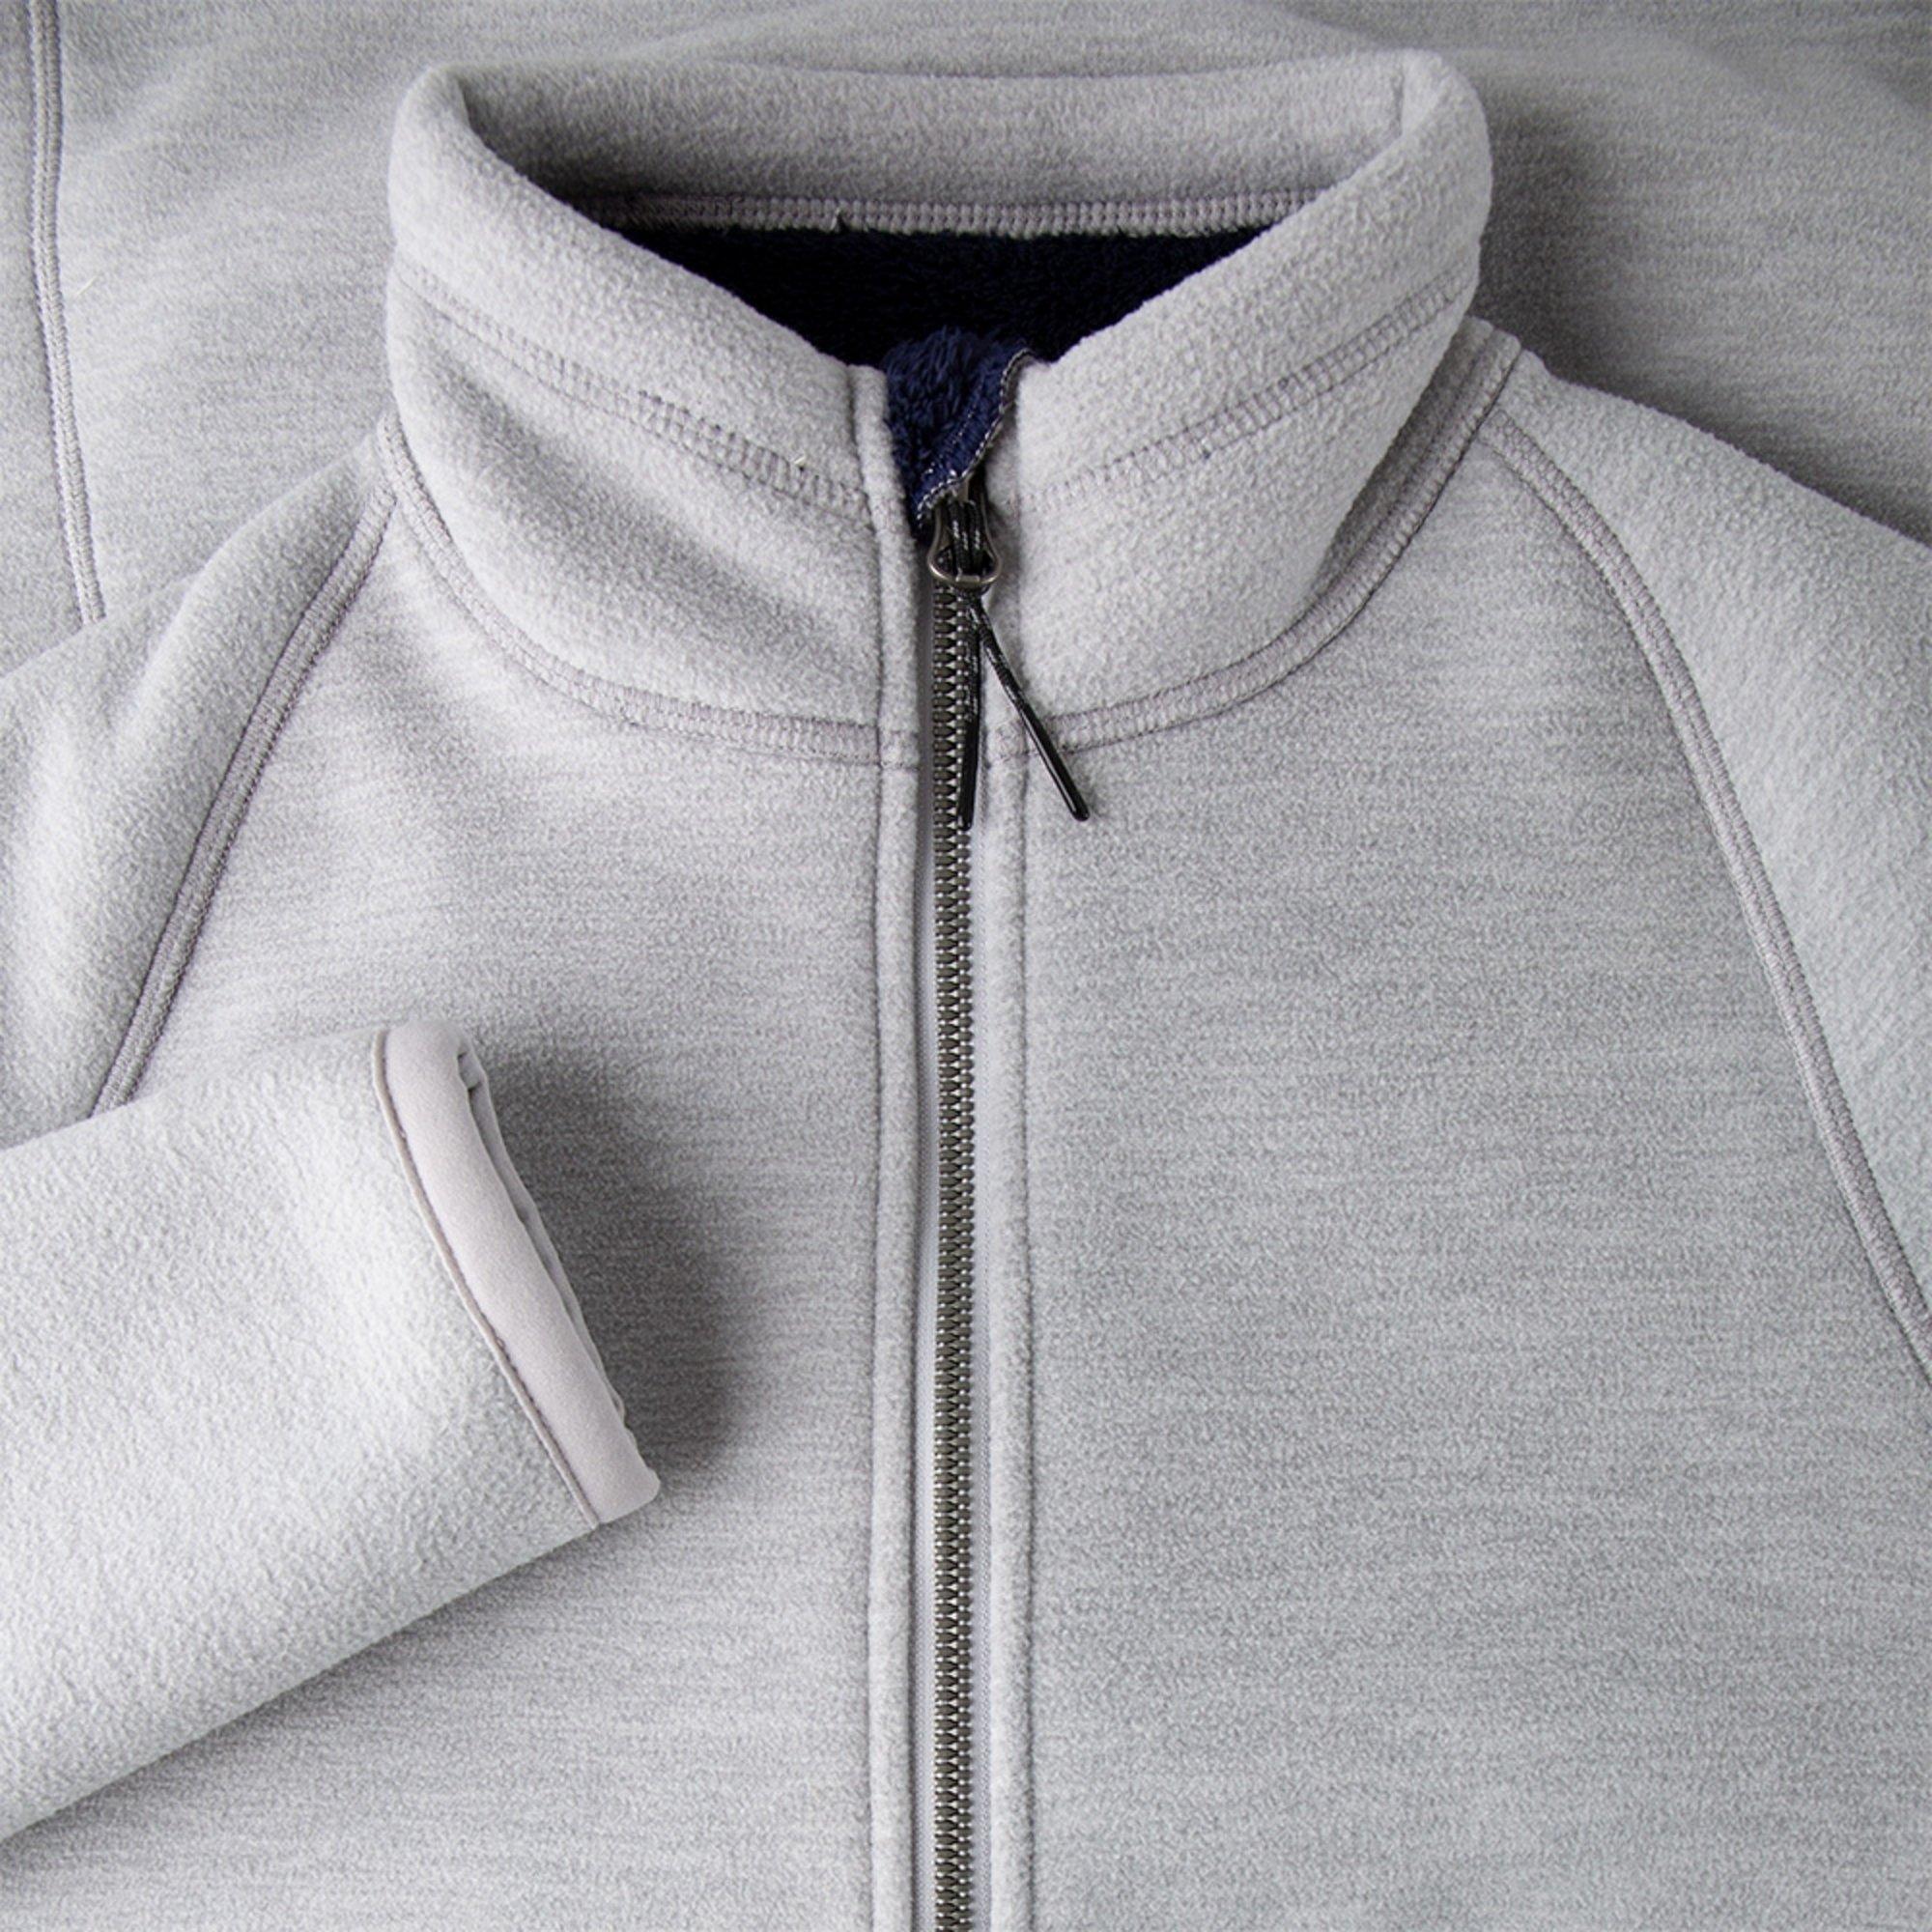 Women's Polar Jacket - 1703W-GRE16-4.jpg